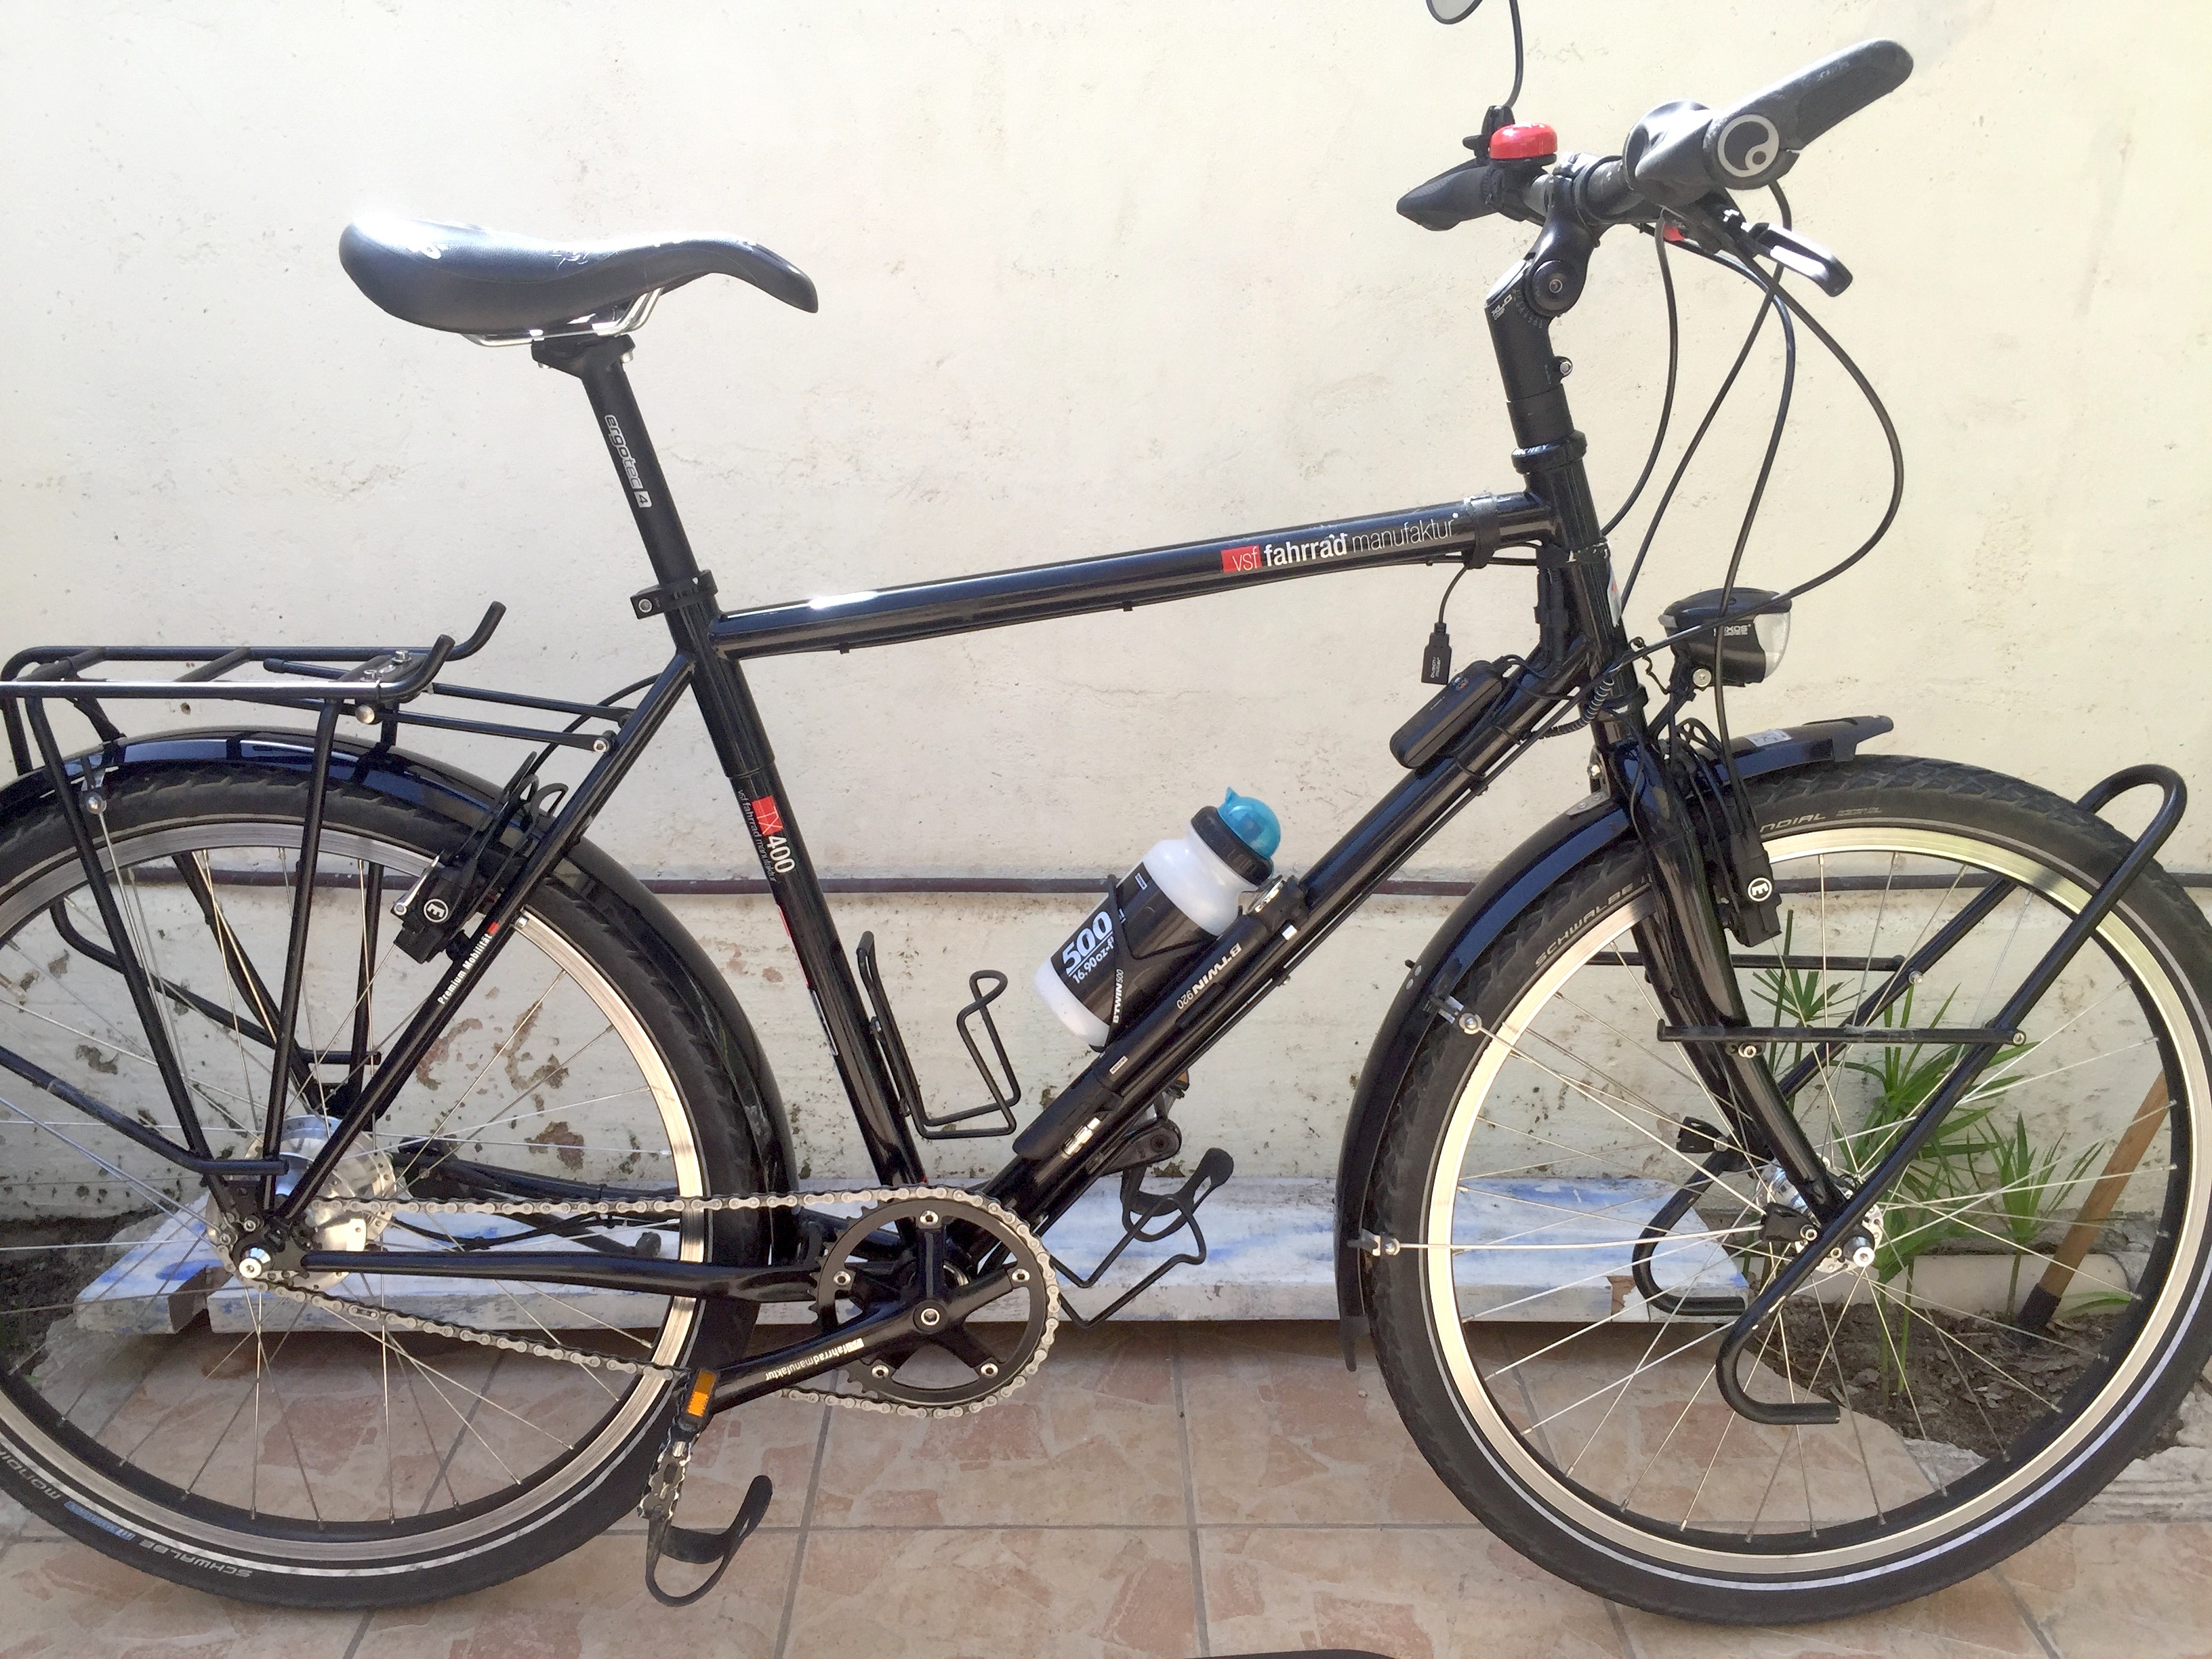 Choix vélo de voyage 1528459938-img-8860